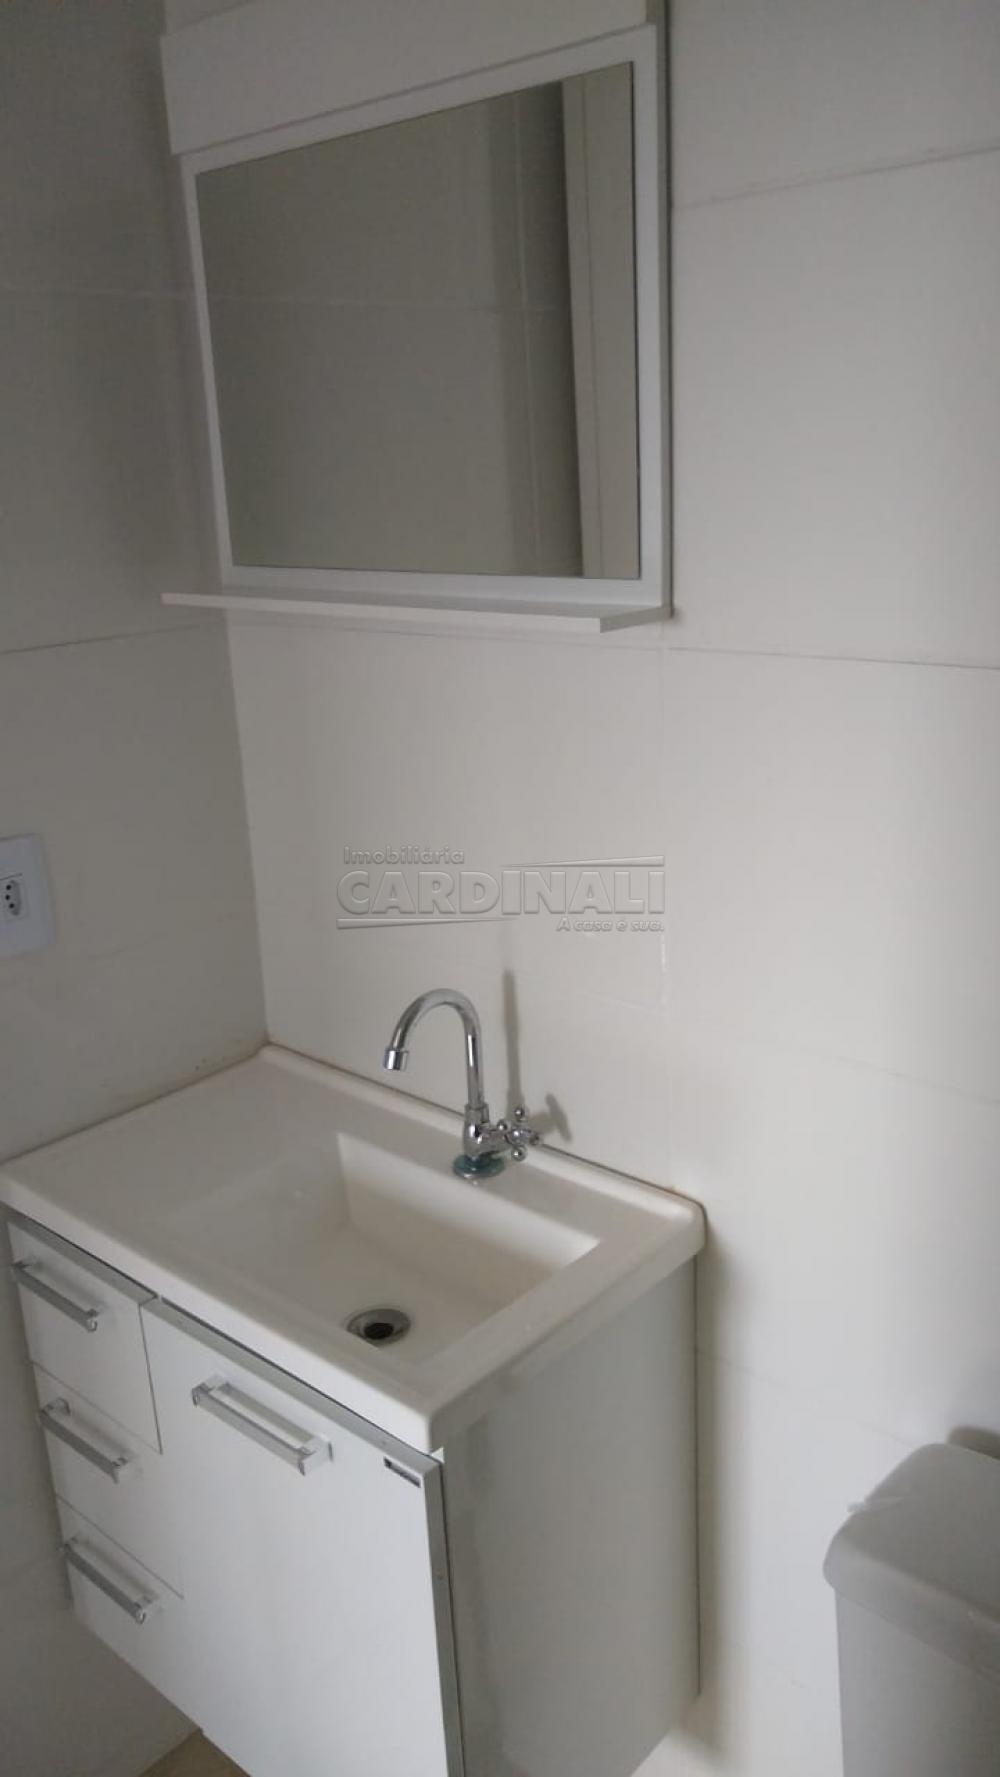 Alugar Apartamento / Padrão em São Carlos R$ 1.000,00 - Foto 6